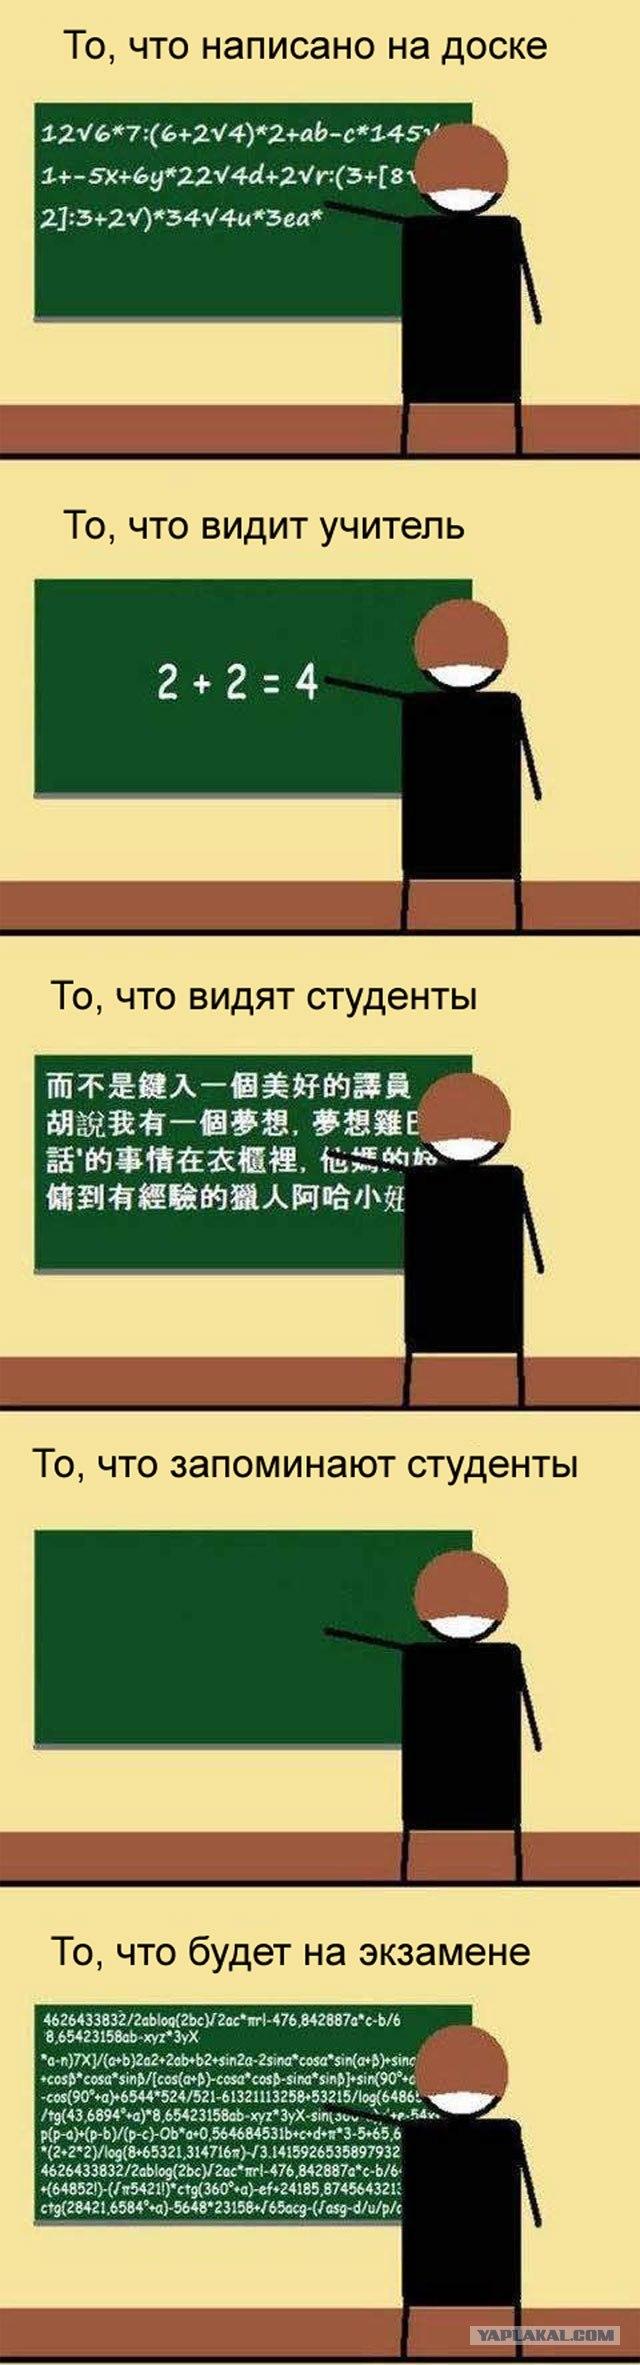 http://www.yaplakal.com/uploads/post-3-13076958712817.jpg